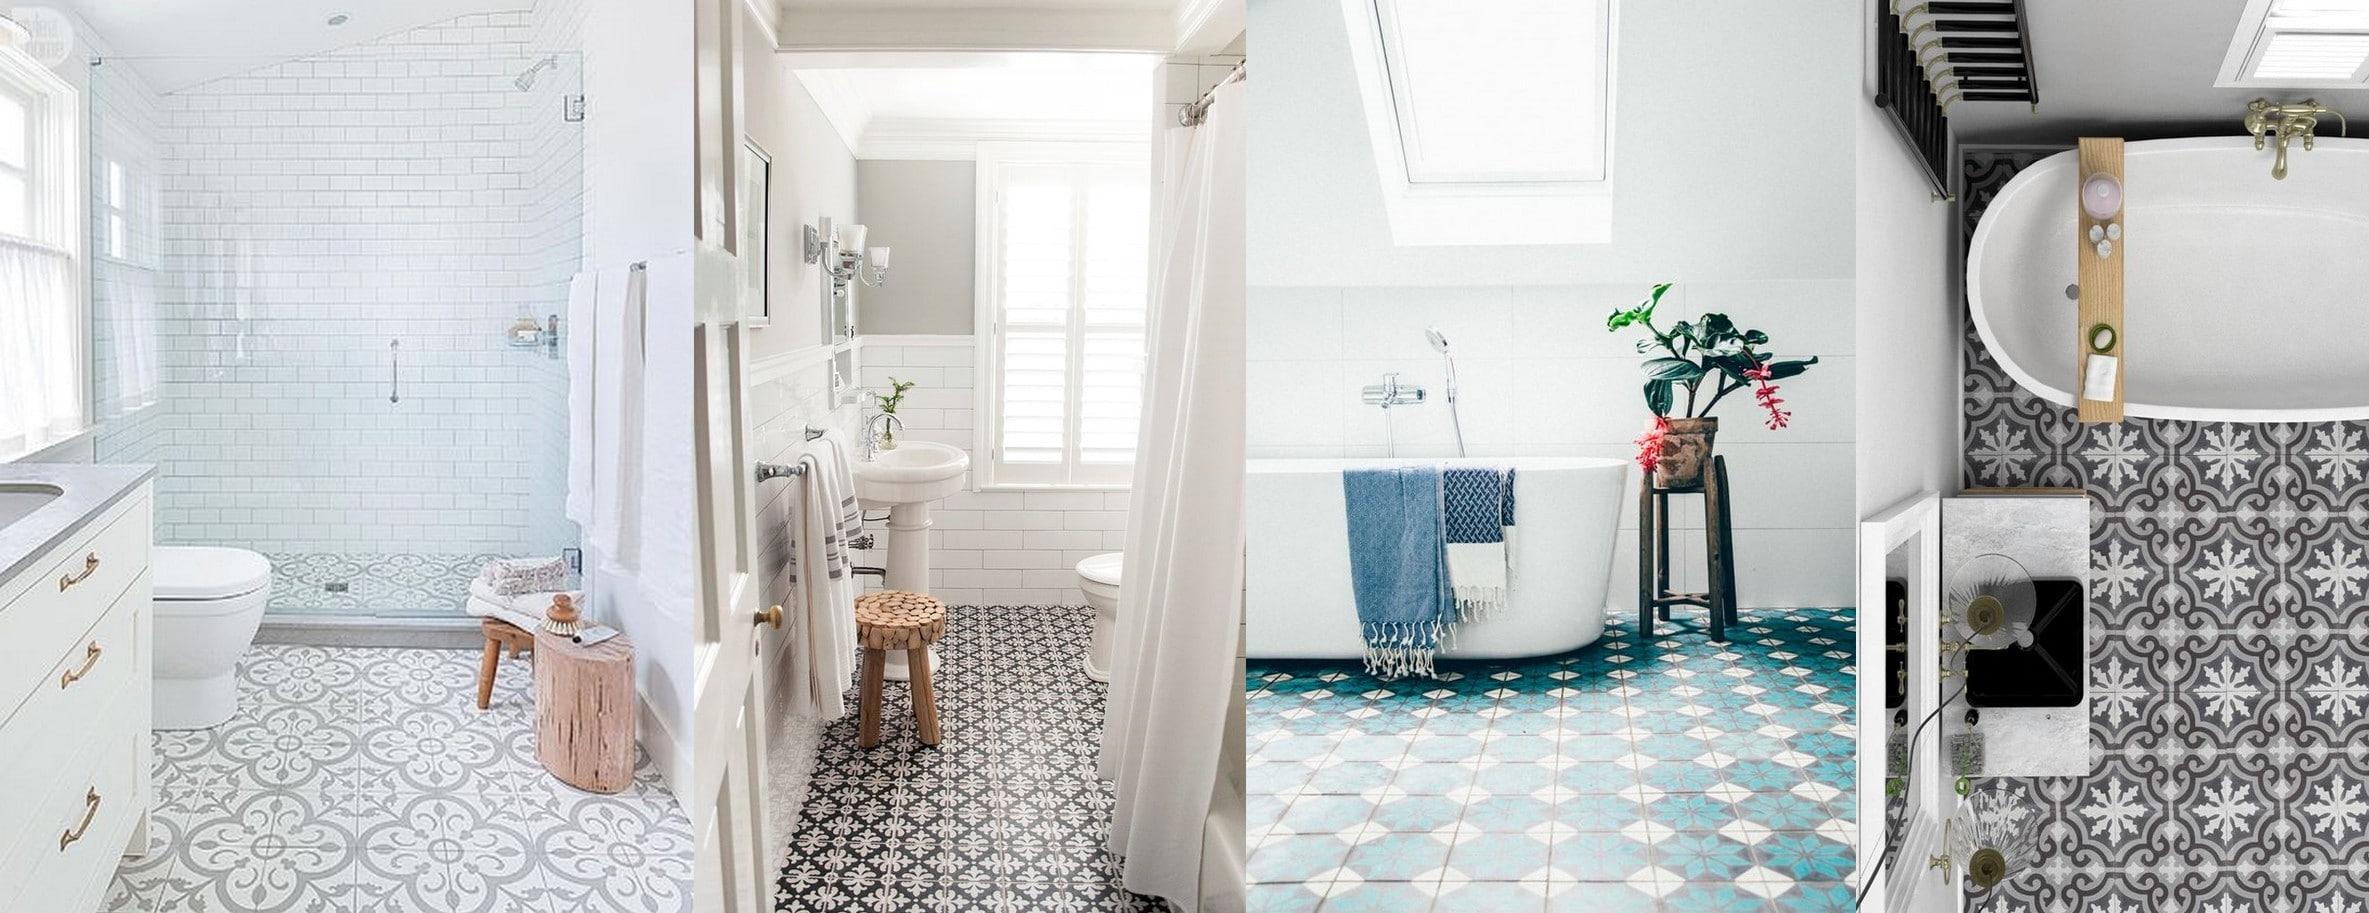 carreaux-salle-de-bain